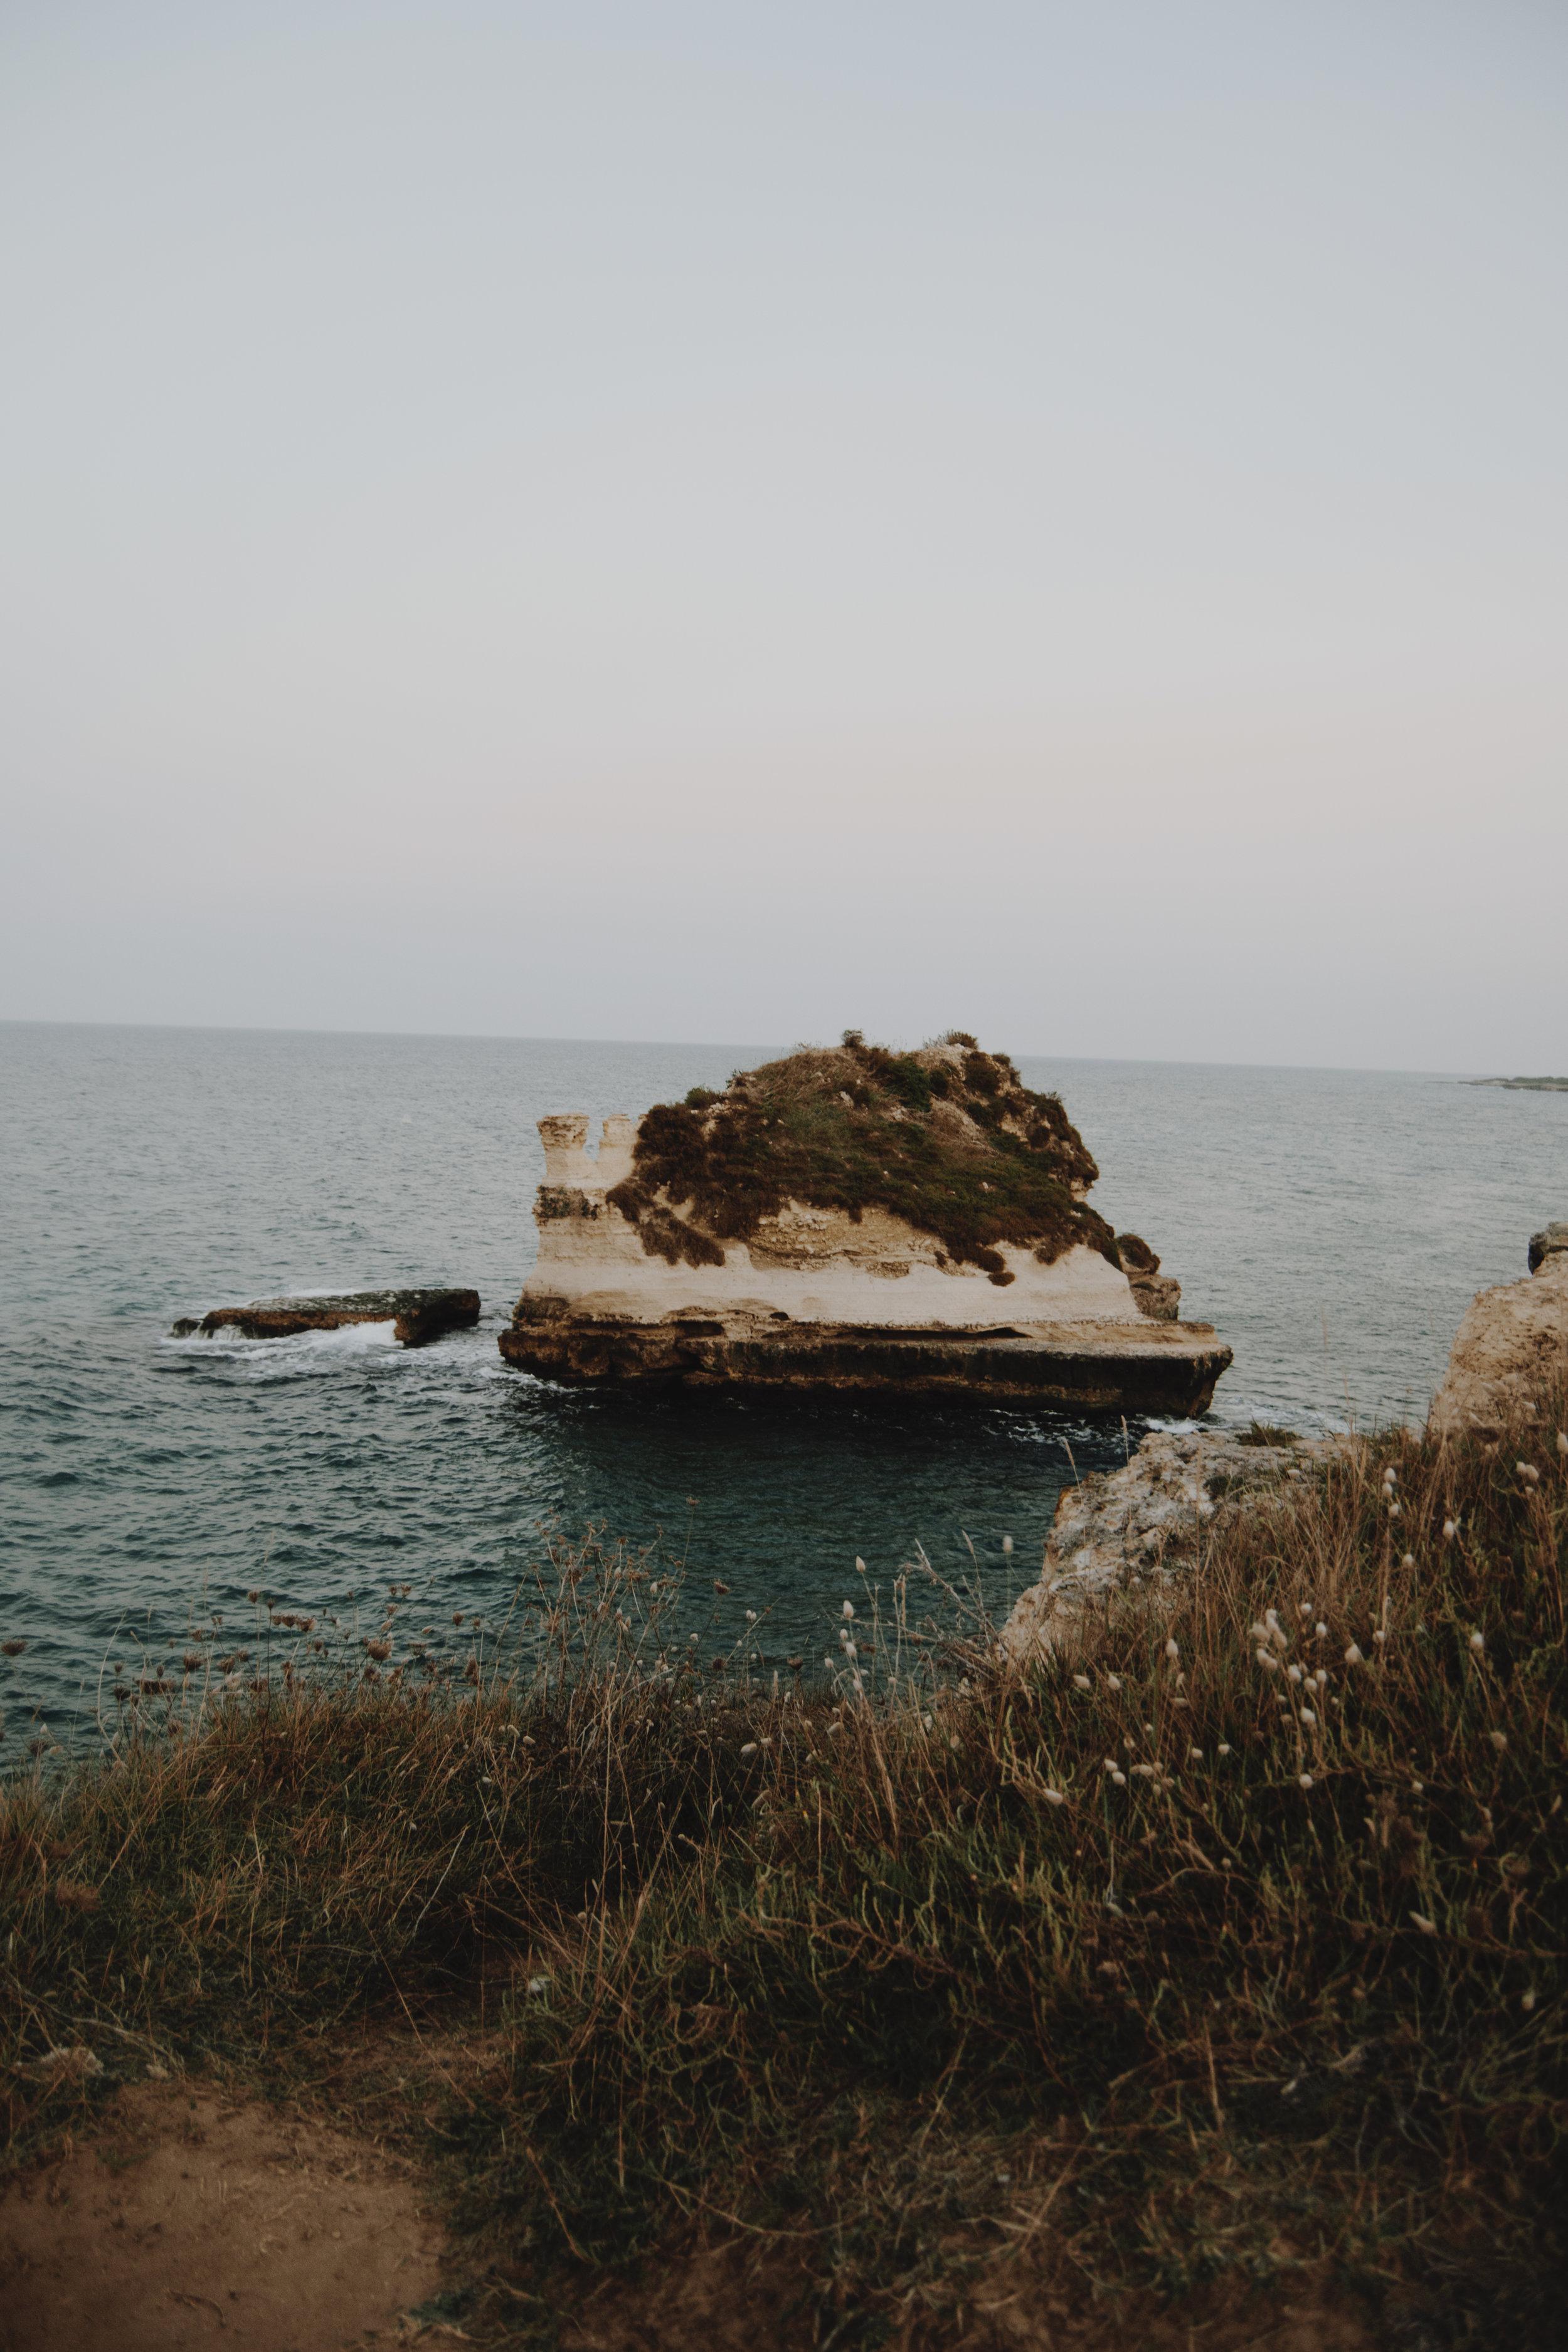 Reise-Apulien-202.jpg